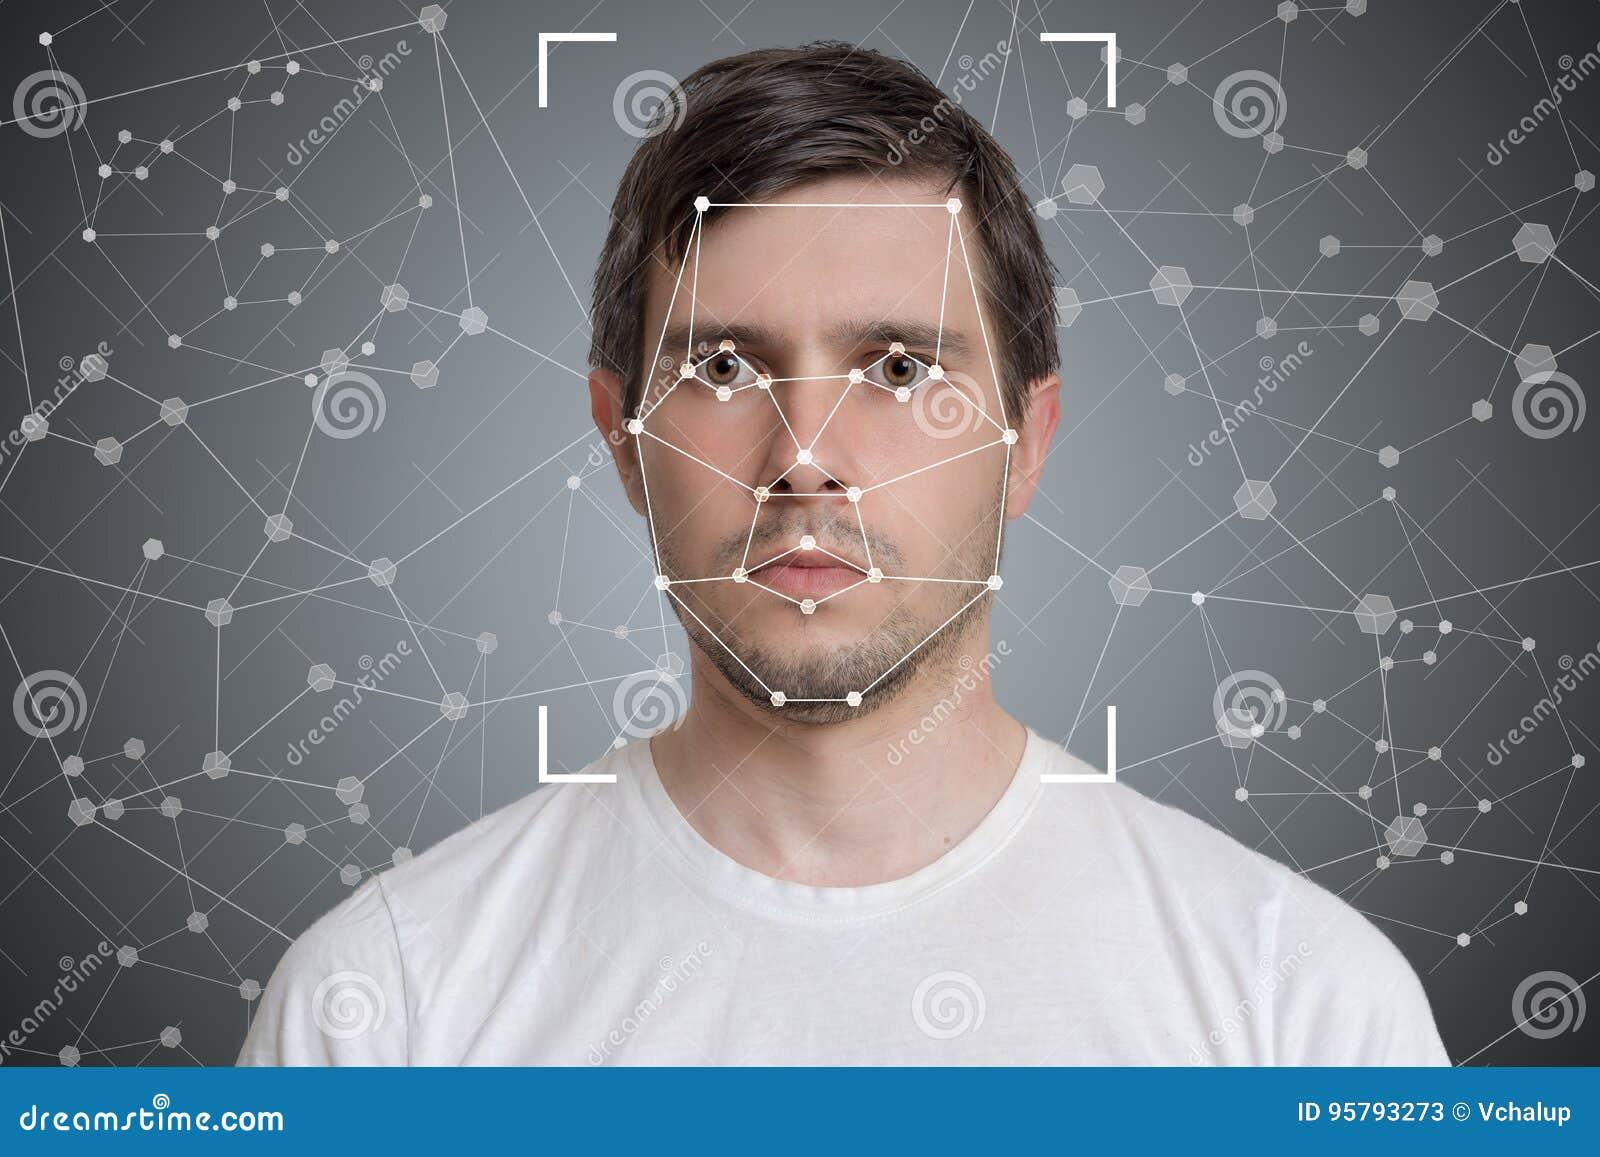 Обнаружение стороны и опознавание человека Зрение компьютера и концепция искусственного интеллекта